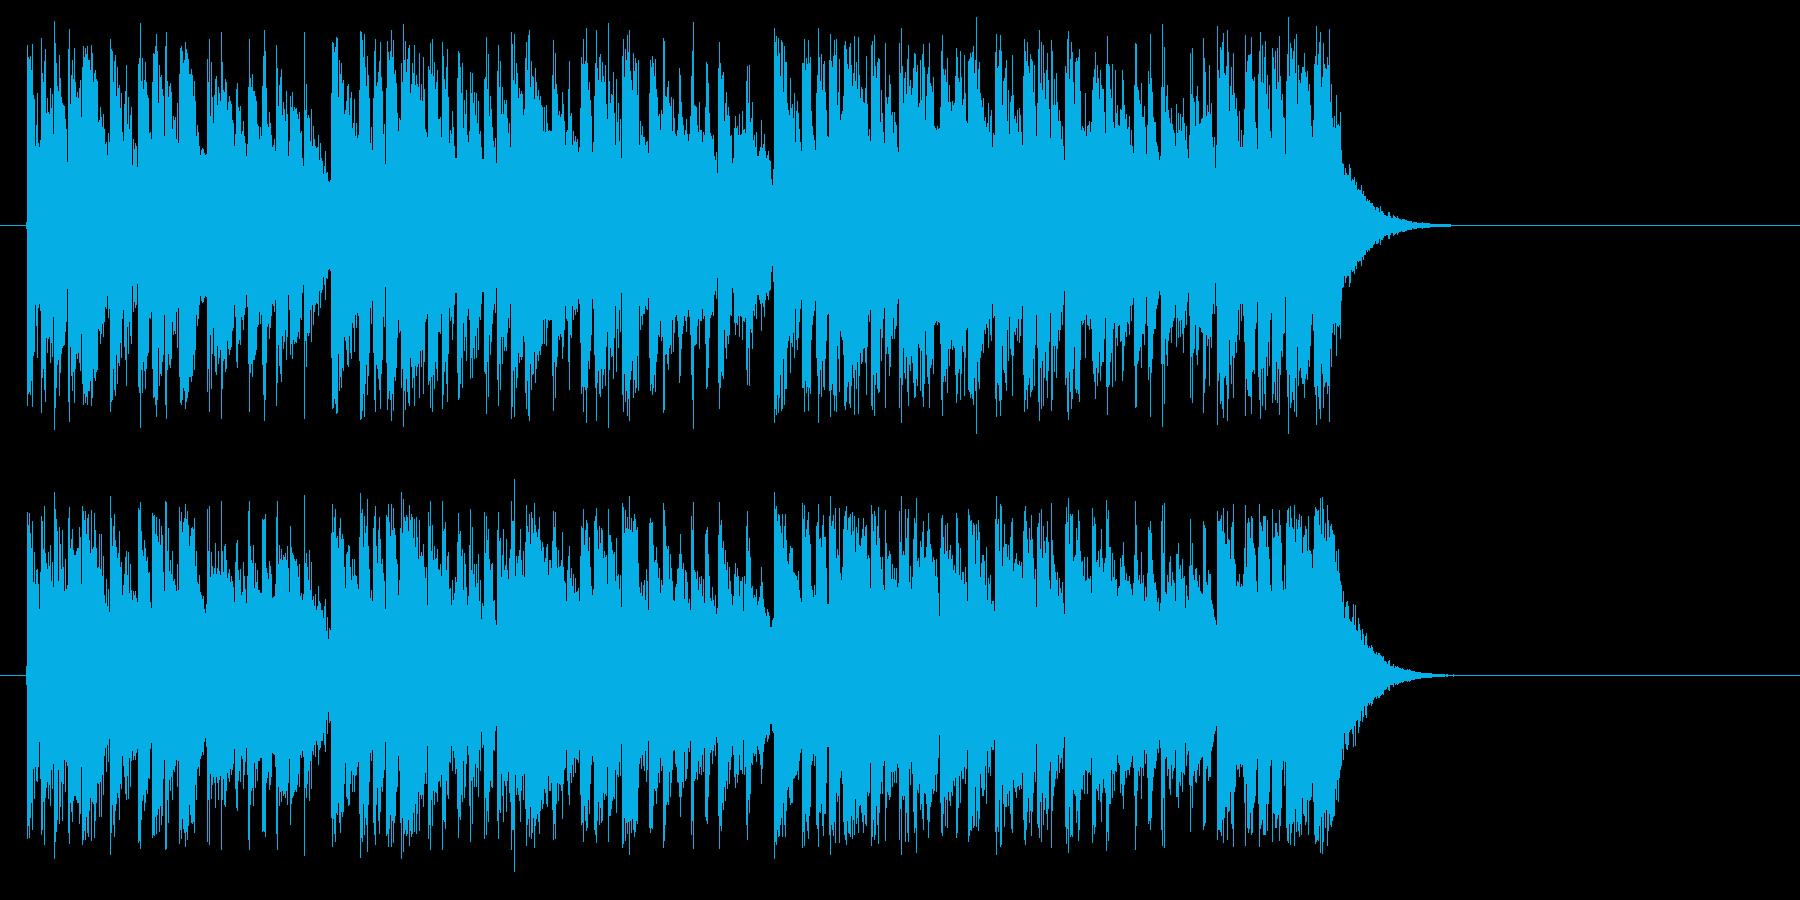 情熱サウンド・フュージョン風の再生済みの波形